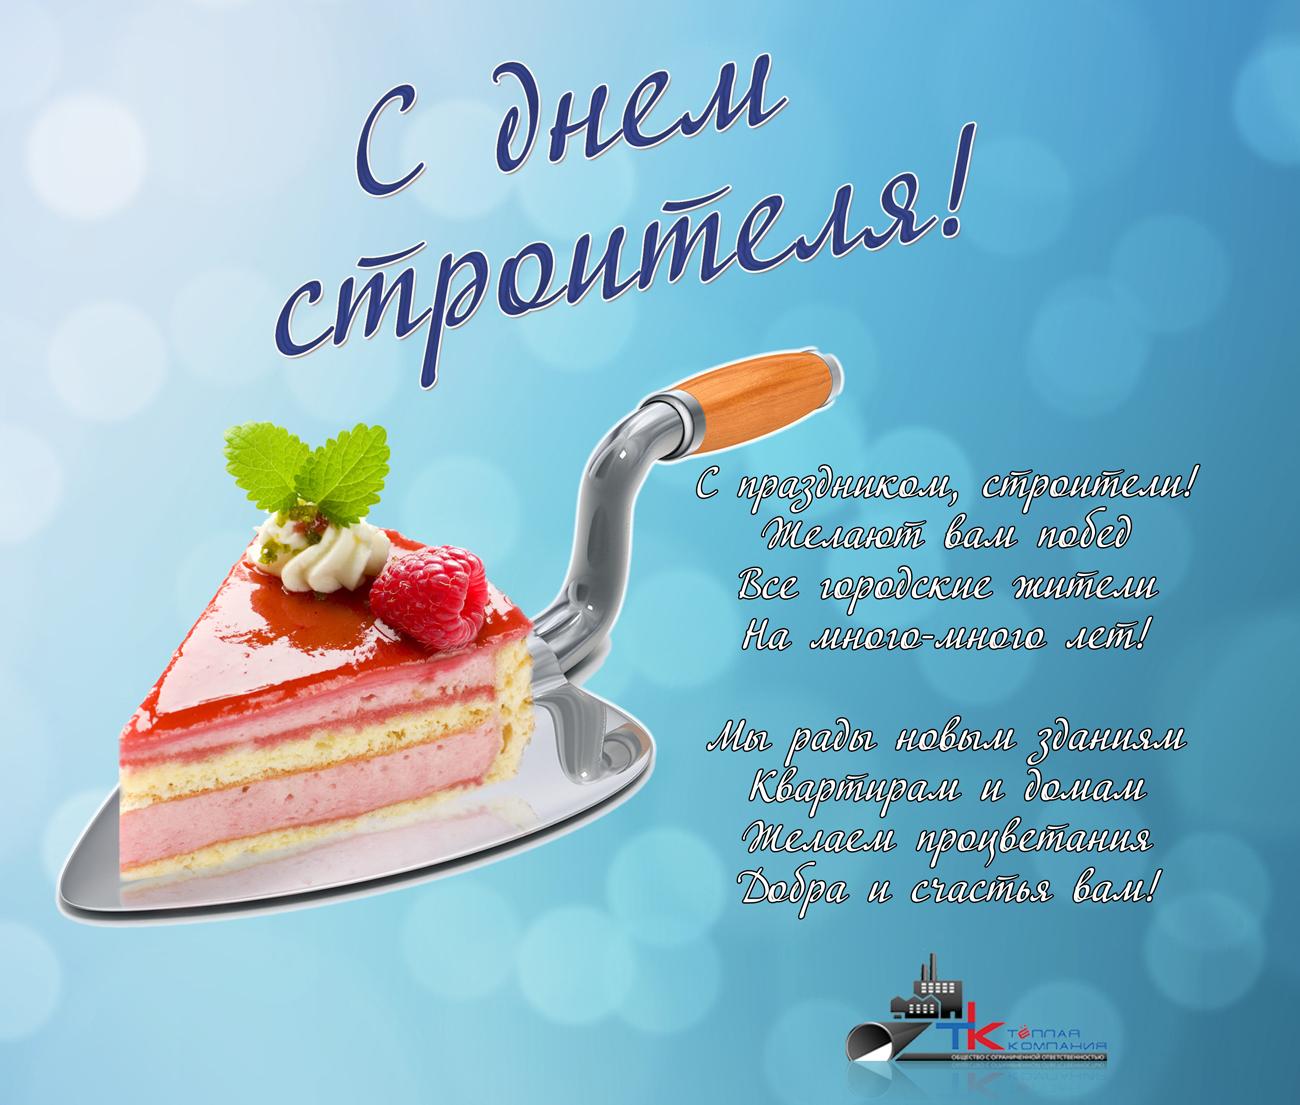 Праздничная открытка с днем строителя, открытка украинском языке